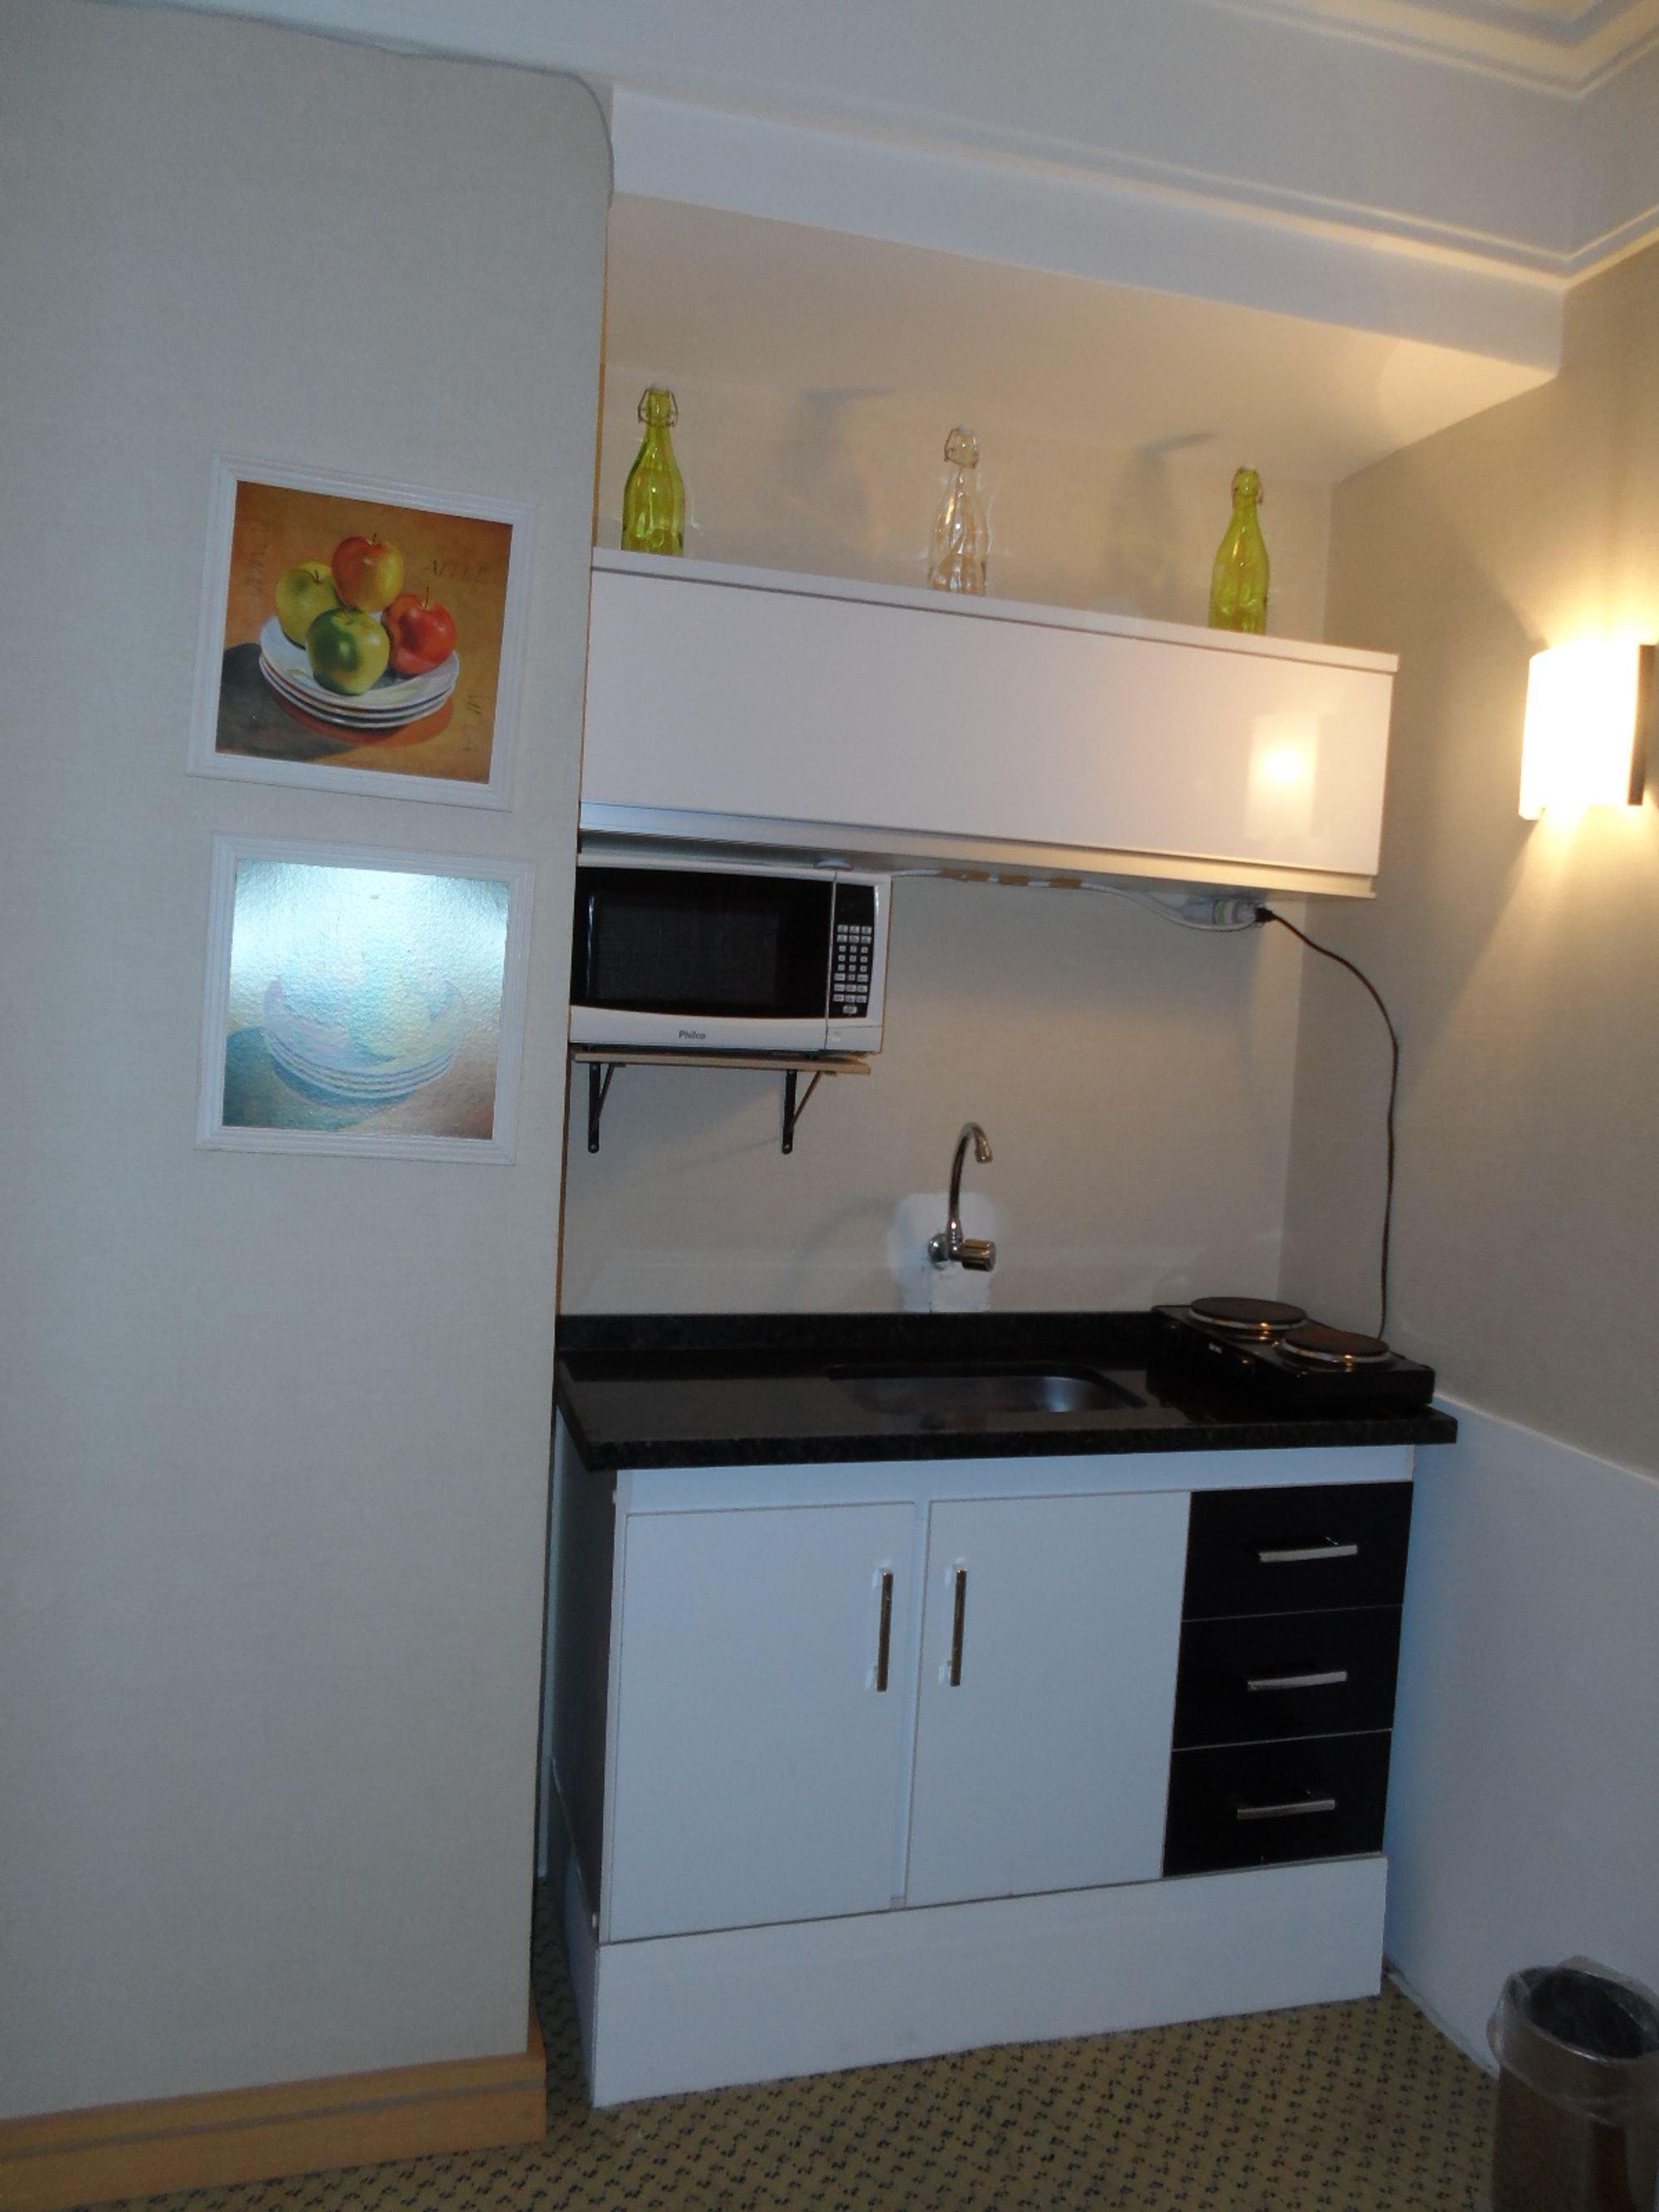 Foto de Cozinha com vaso, pia, microondas